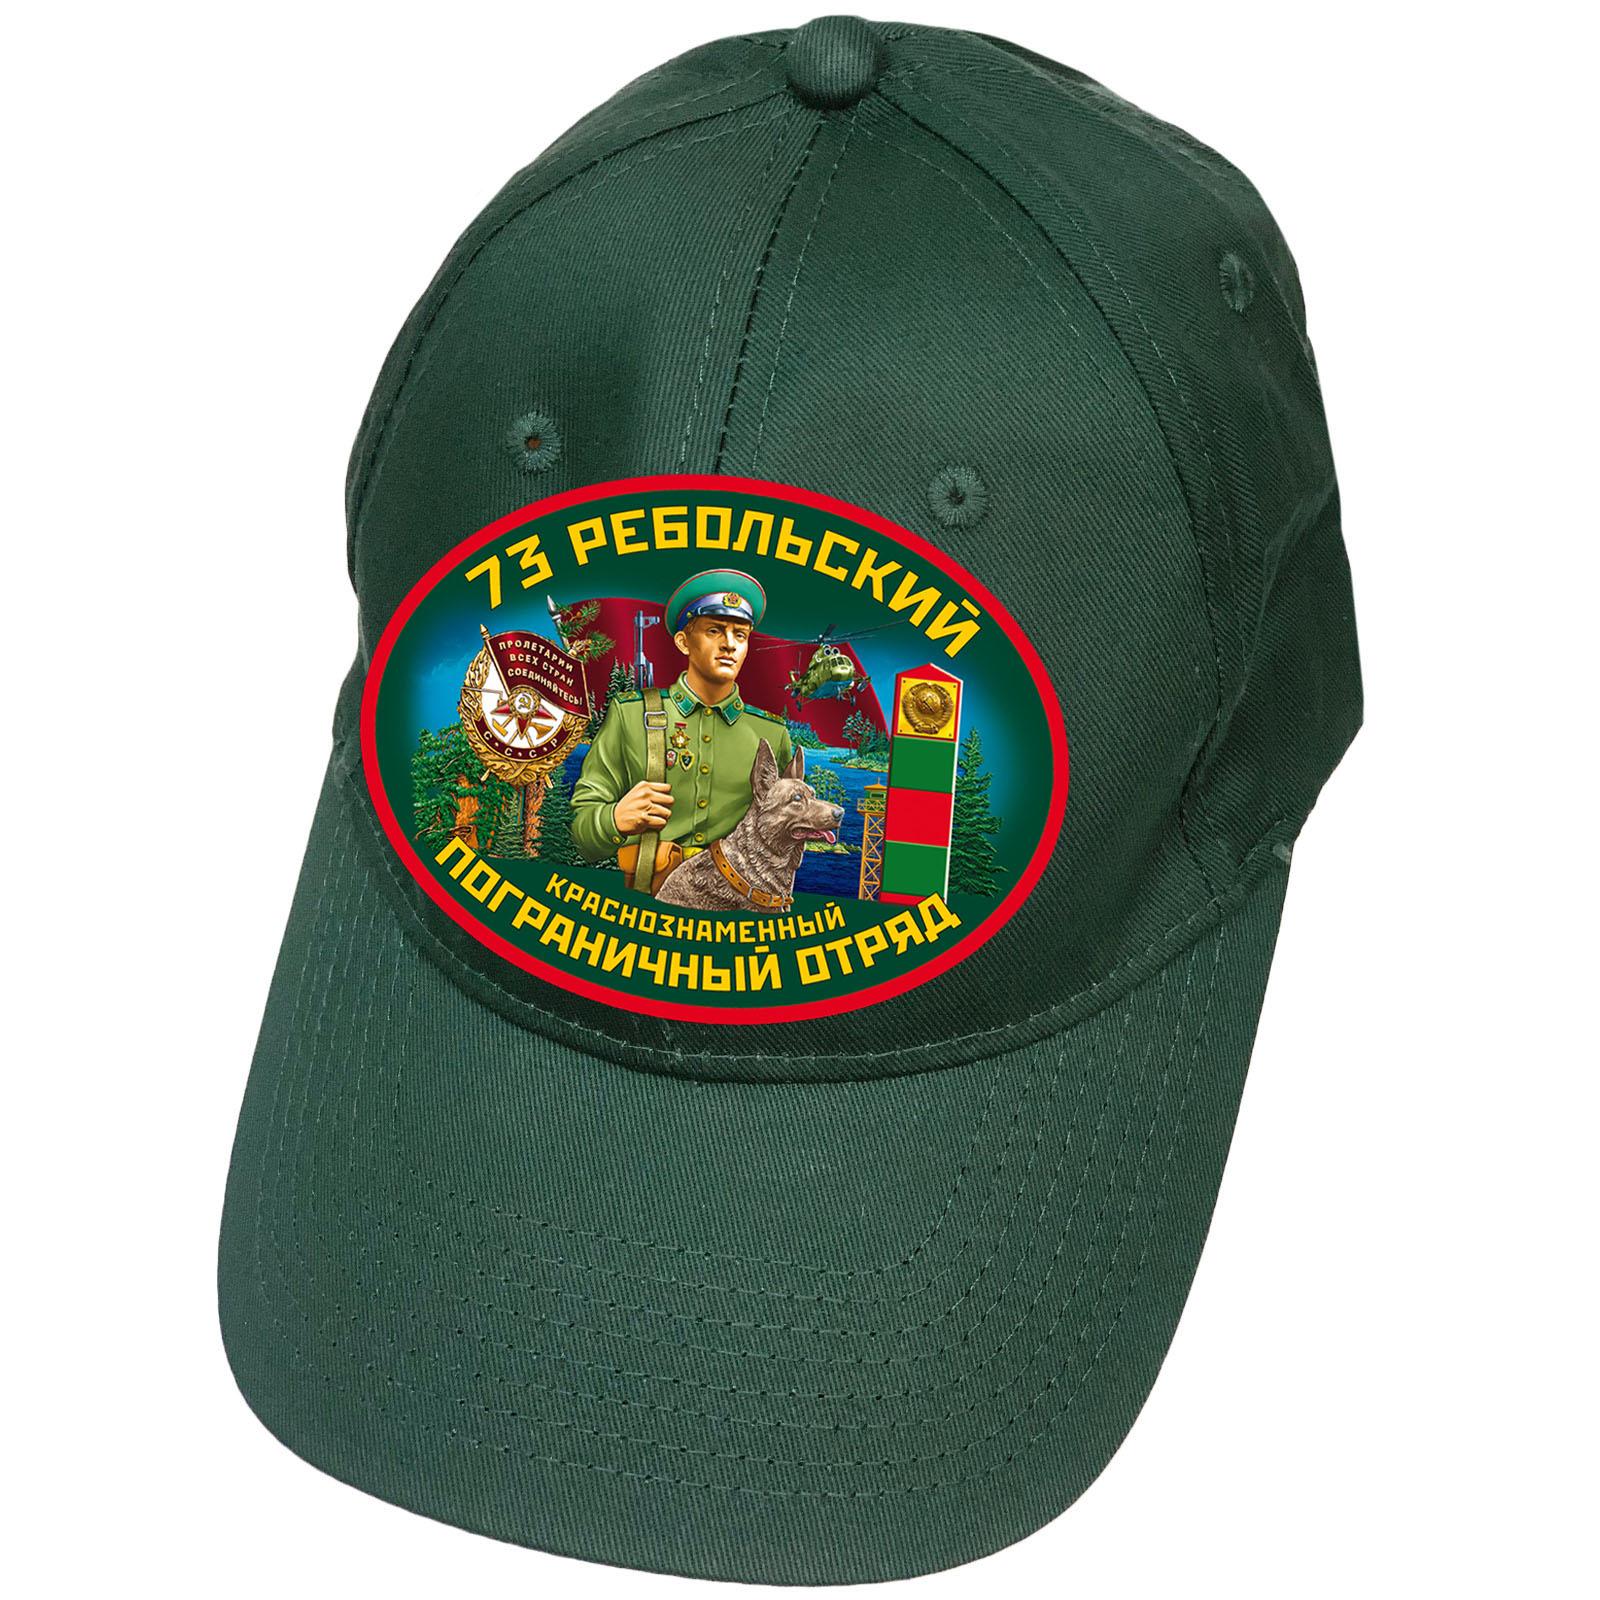 Тёмно-зелёная кепка 73 Ребольского пограничного отряда